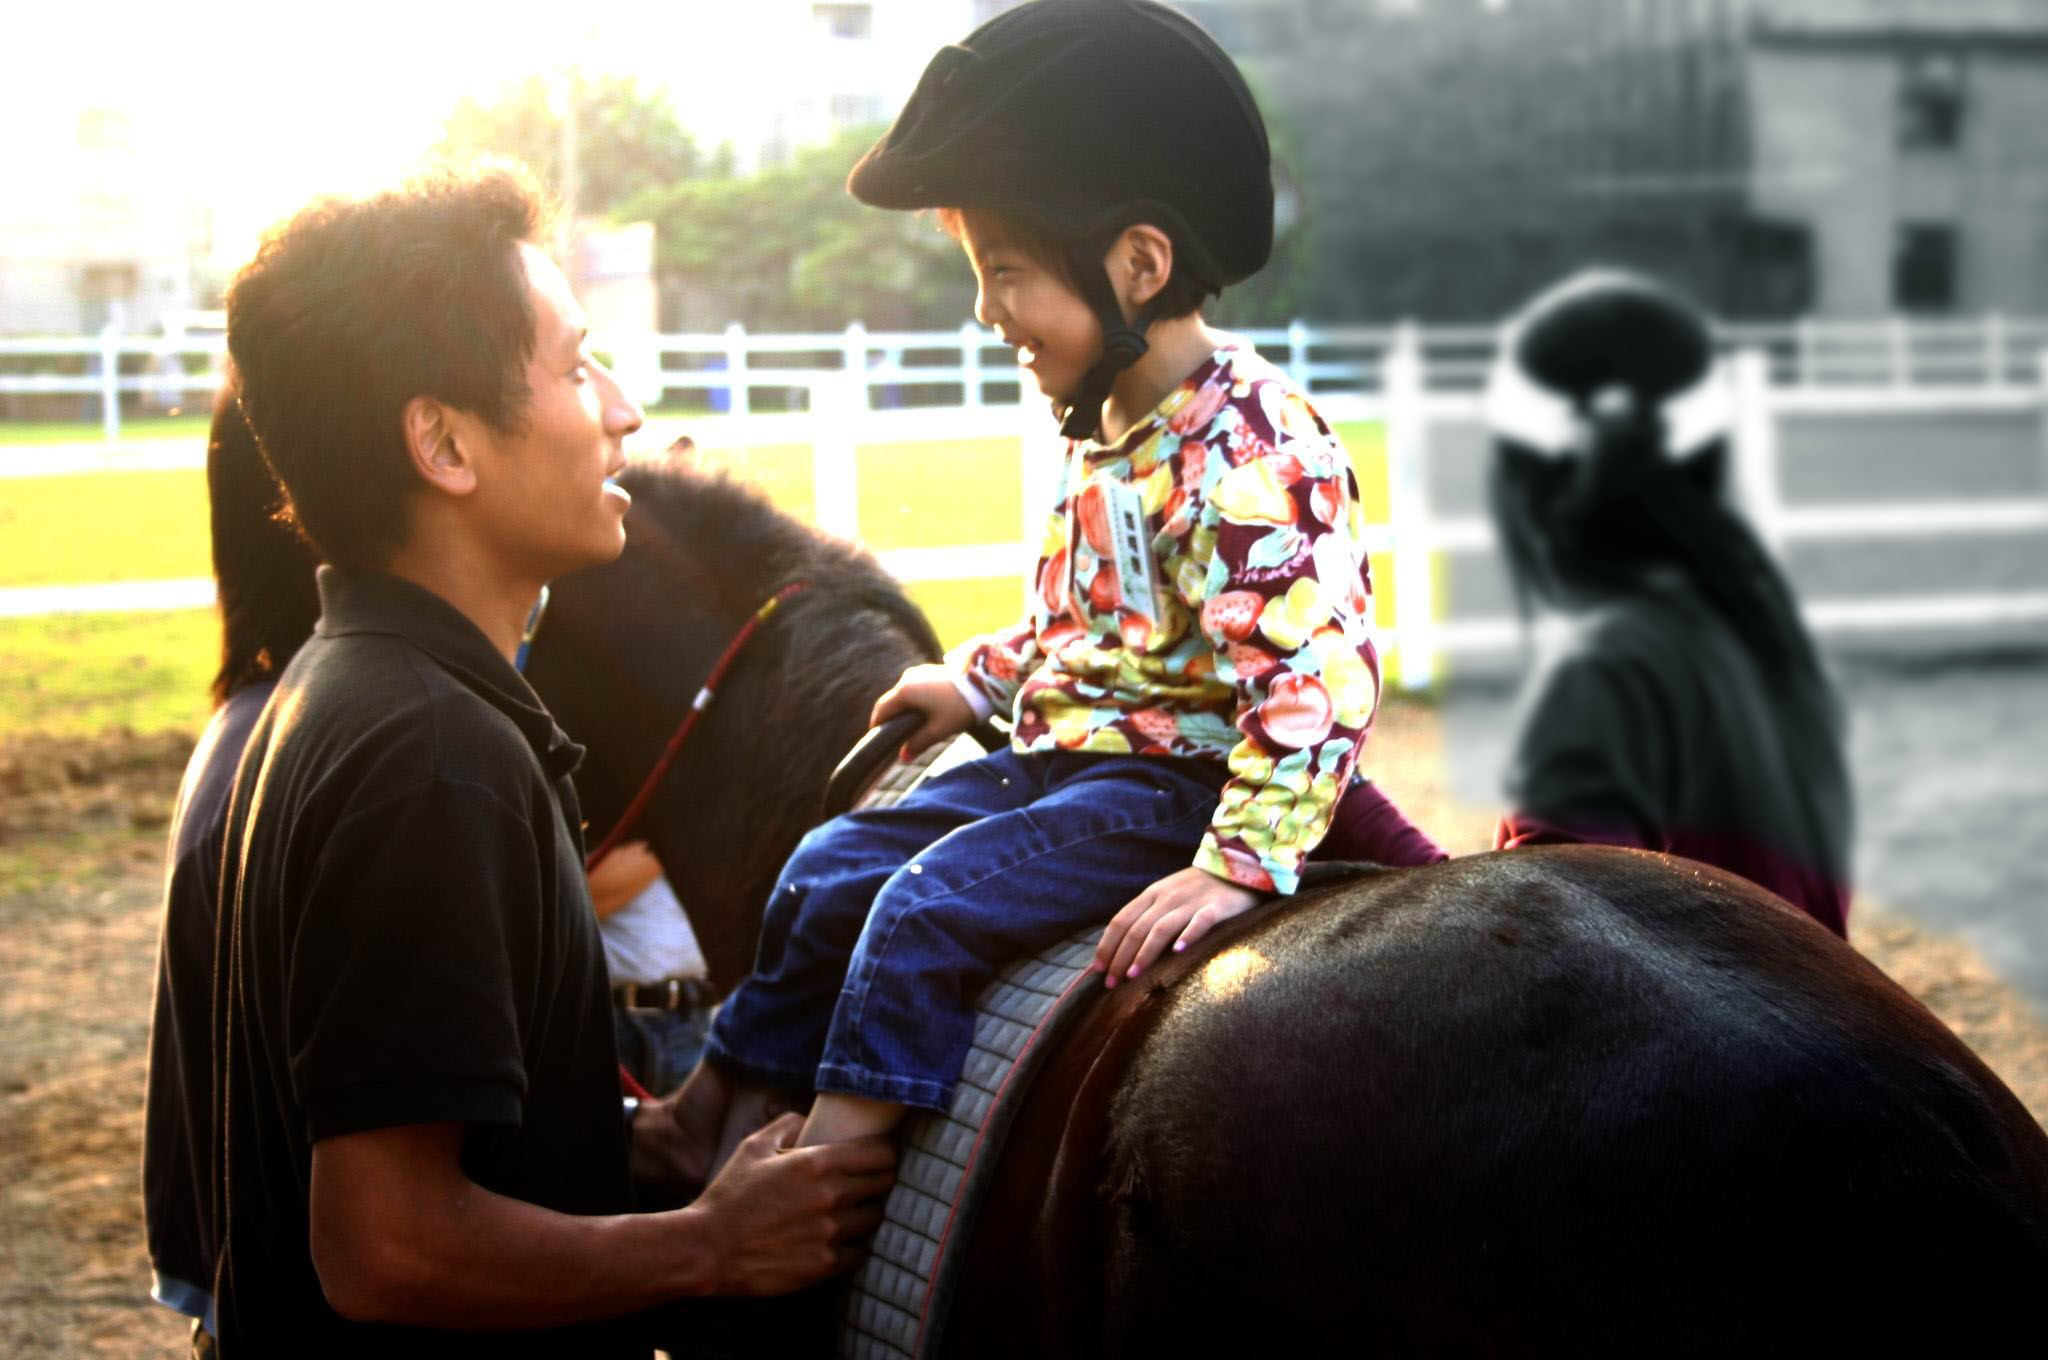 馬匹替物理治療開啟新可能